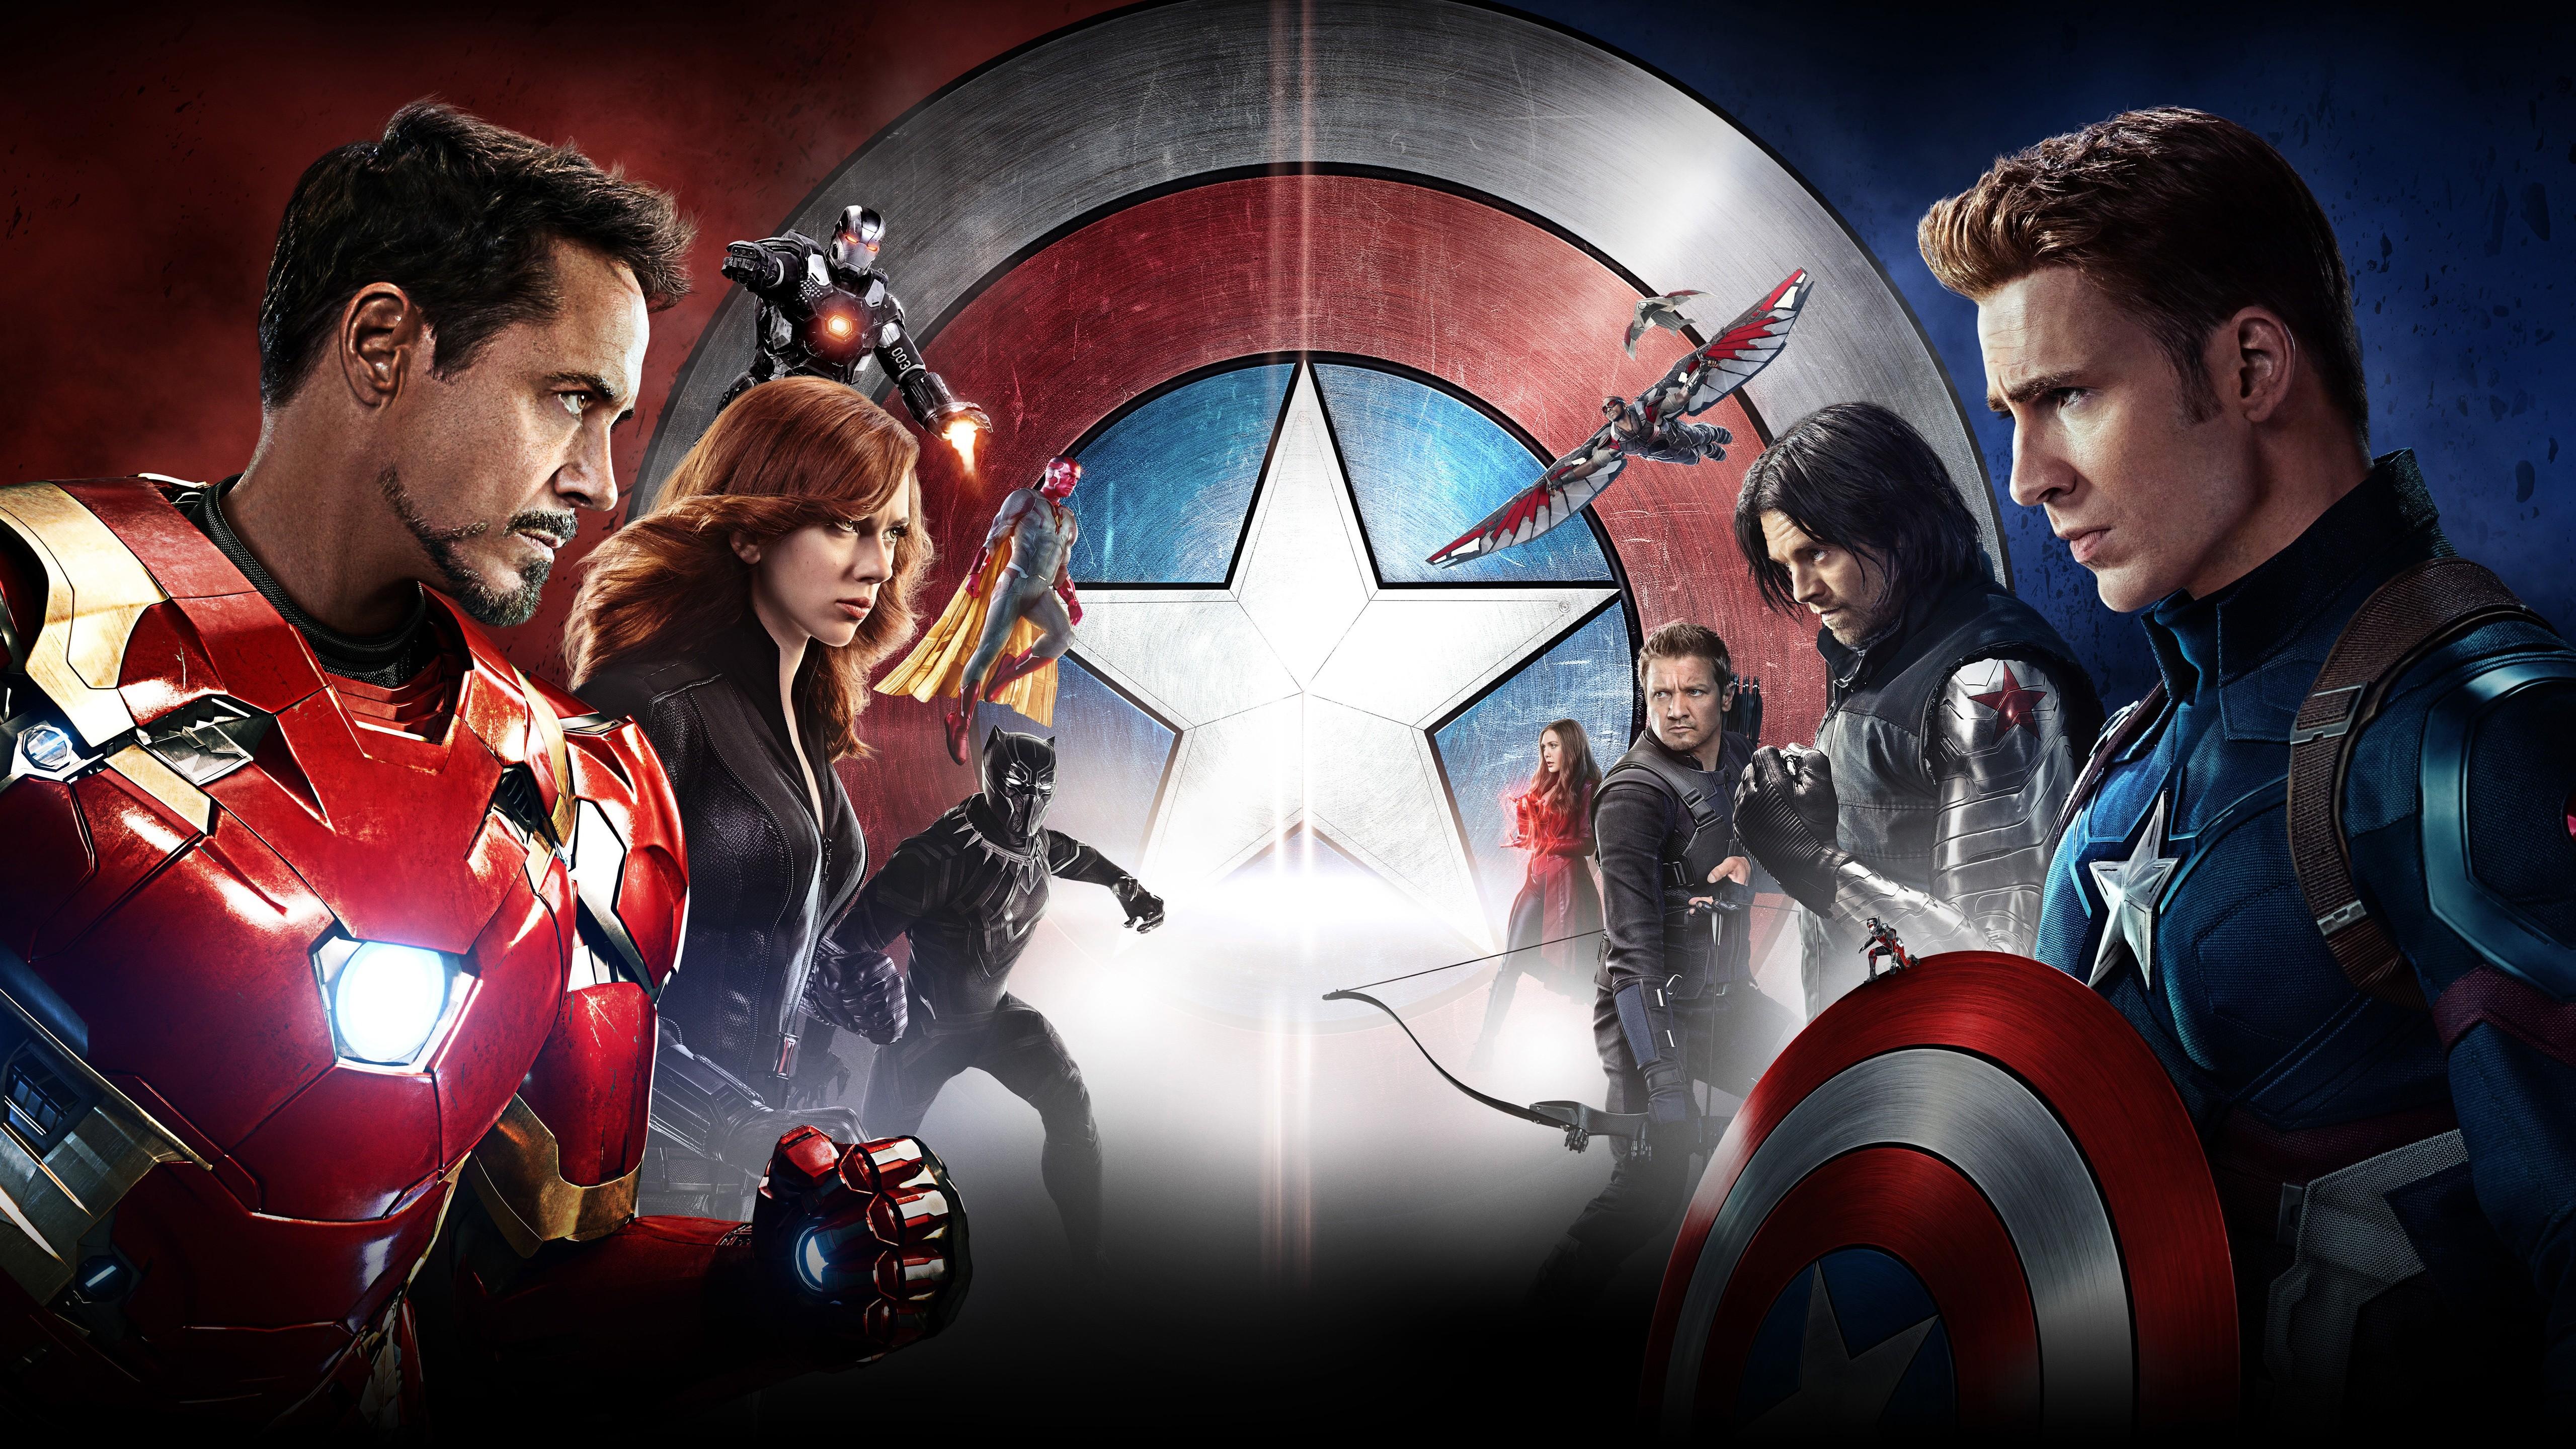 Marvel Civil War Wallpaper 2880x1800 - WallpaperSafari  Marvel Civil Wa...